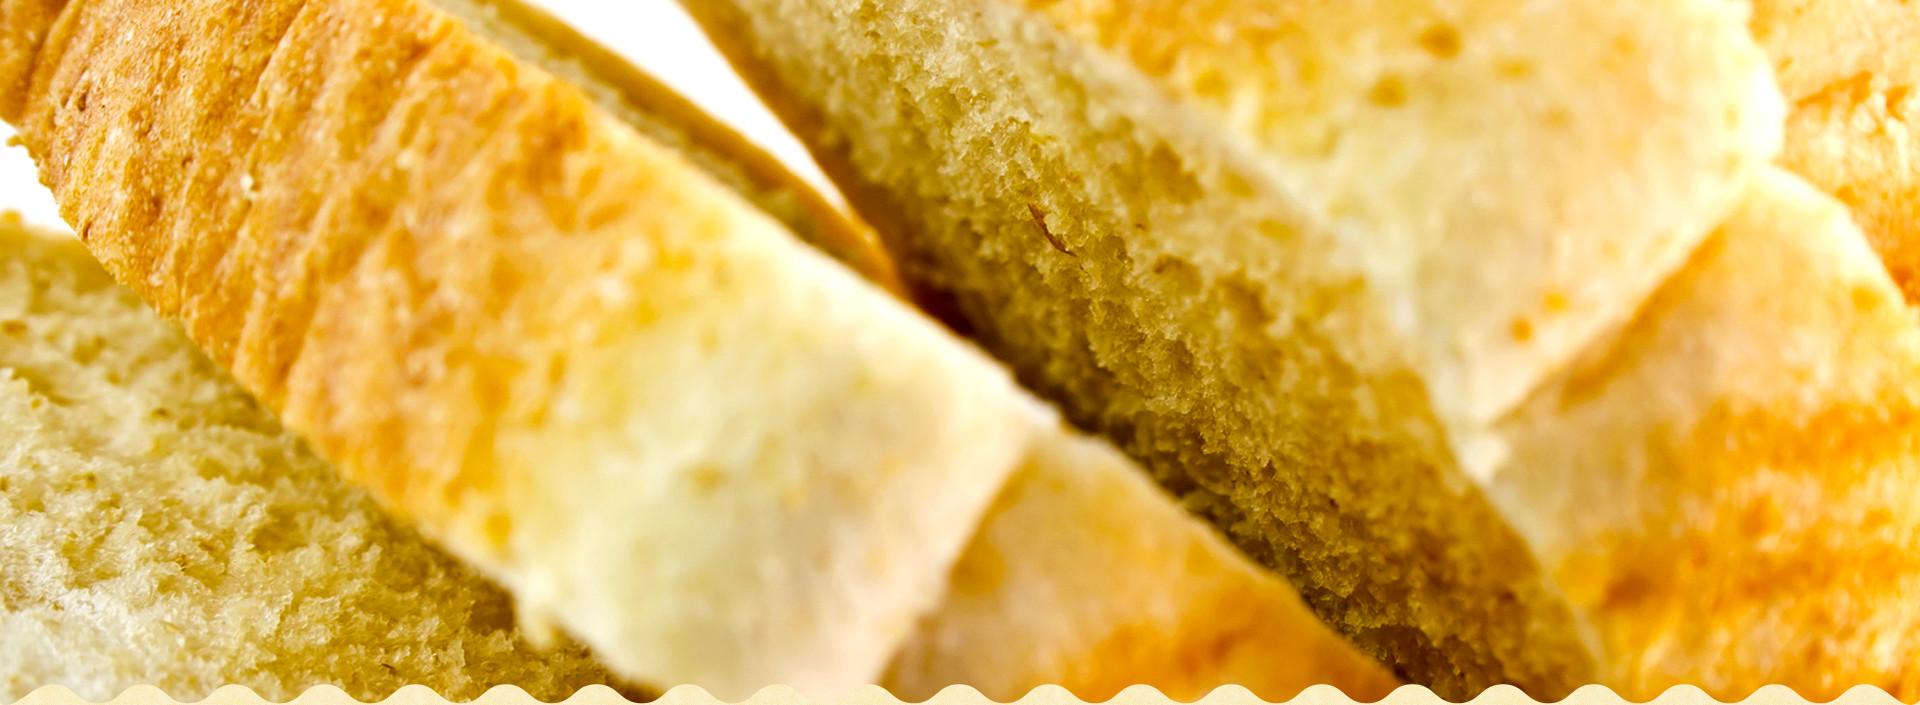 逸品米パン かねしげ